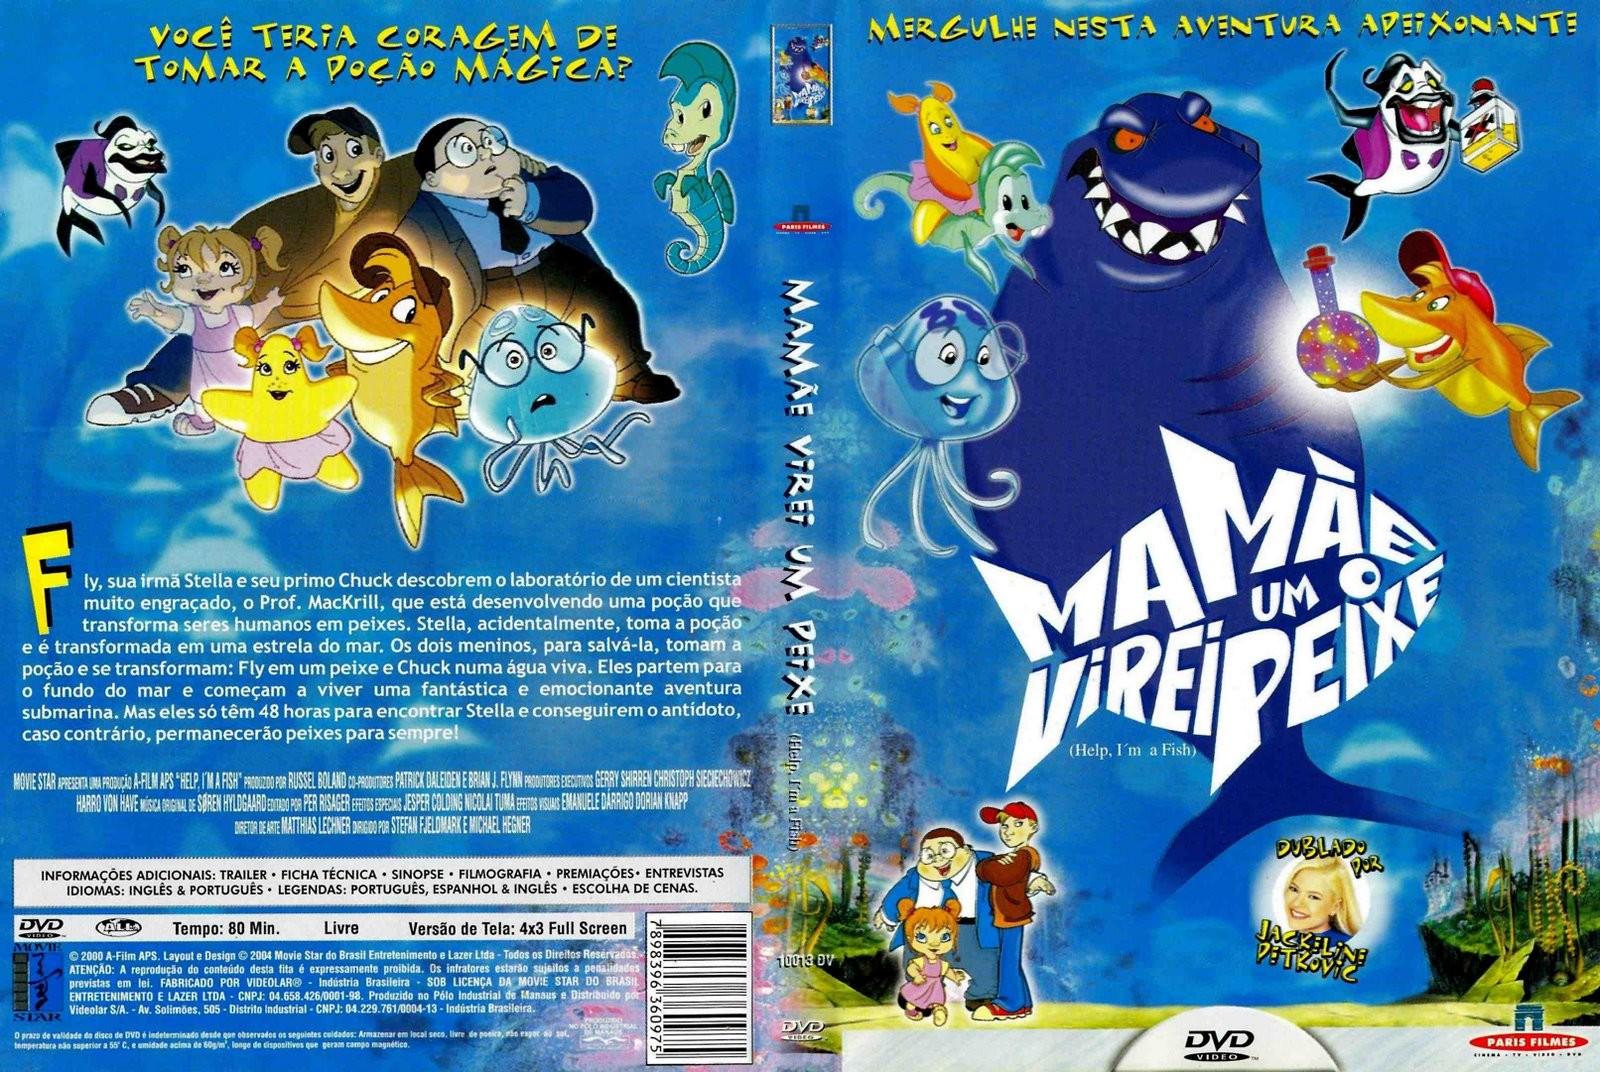 Hjælp, jeg er en fisk (2003)